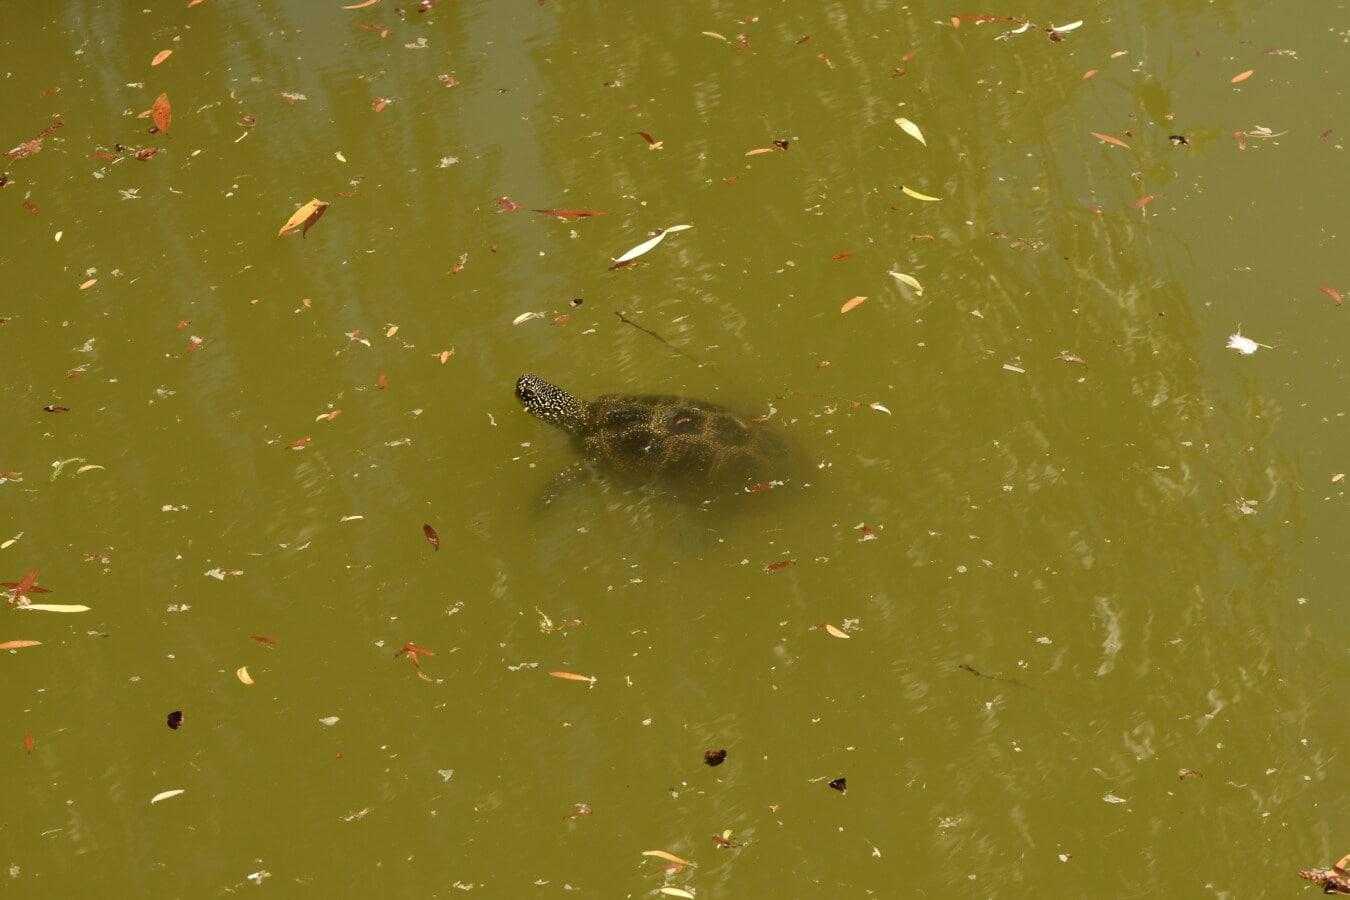 Unterwasser, Schildkröte, dreckig, Wasser, Reptil, Tier, Natur, Fluss, Schwimmen, Tierwelt